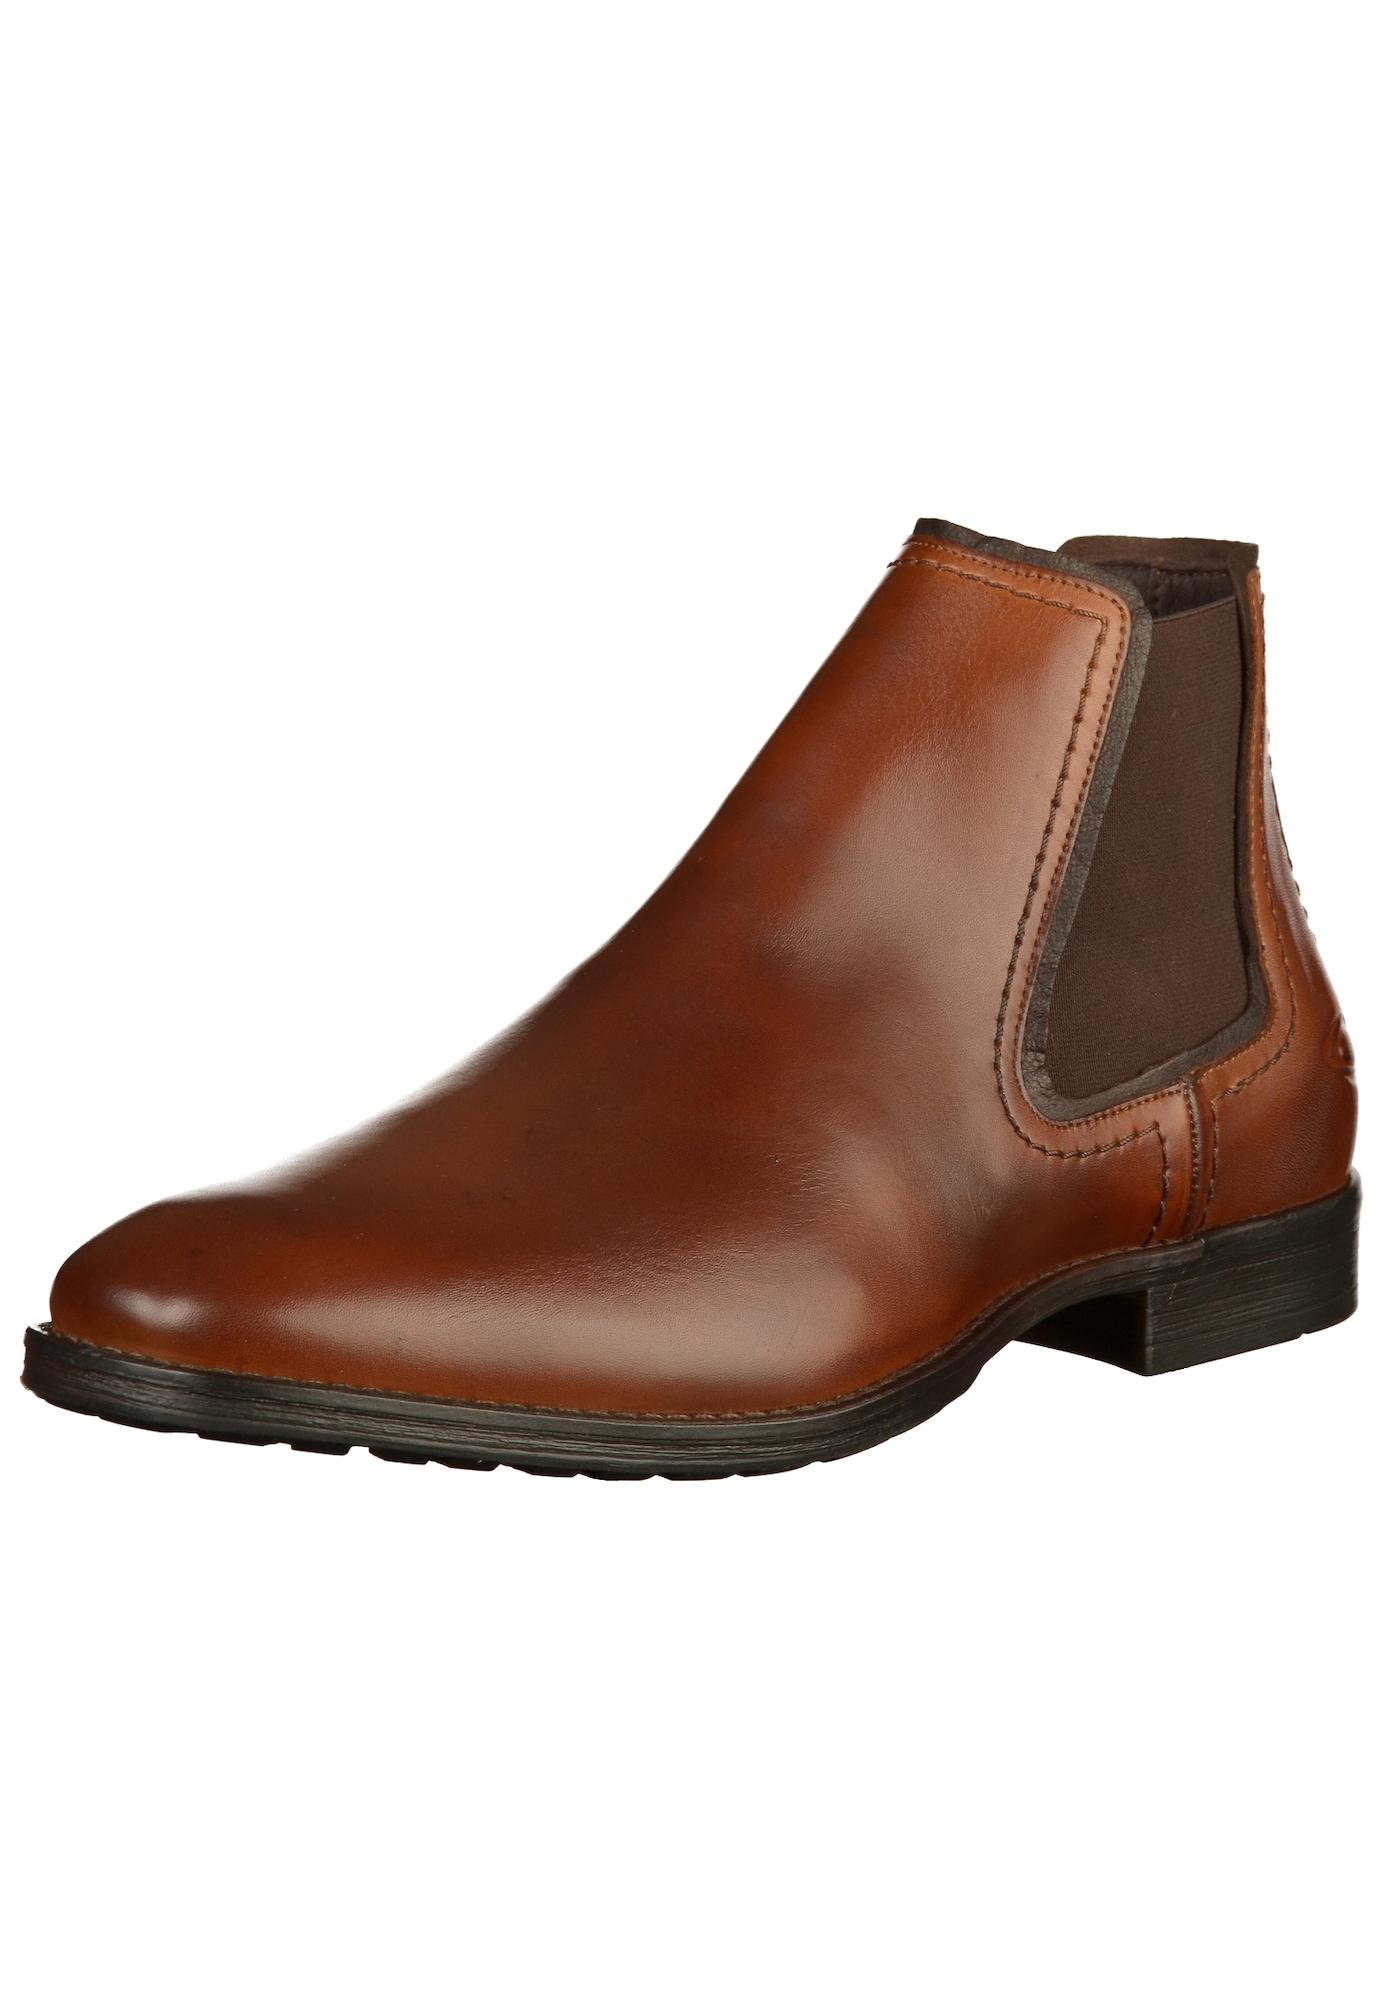 Stiefelette | Schuhe > Boots > Stiefel | Cognac | camel active